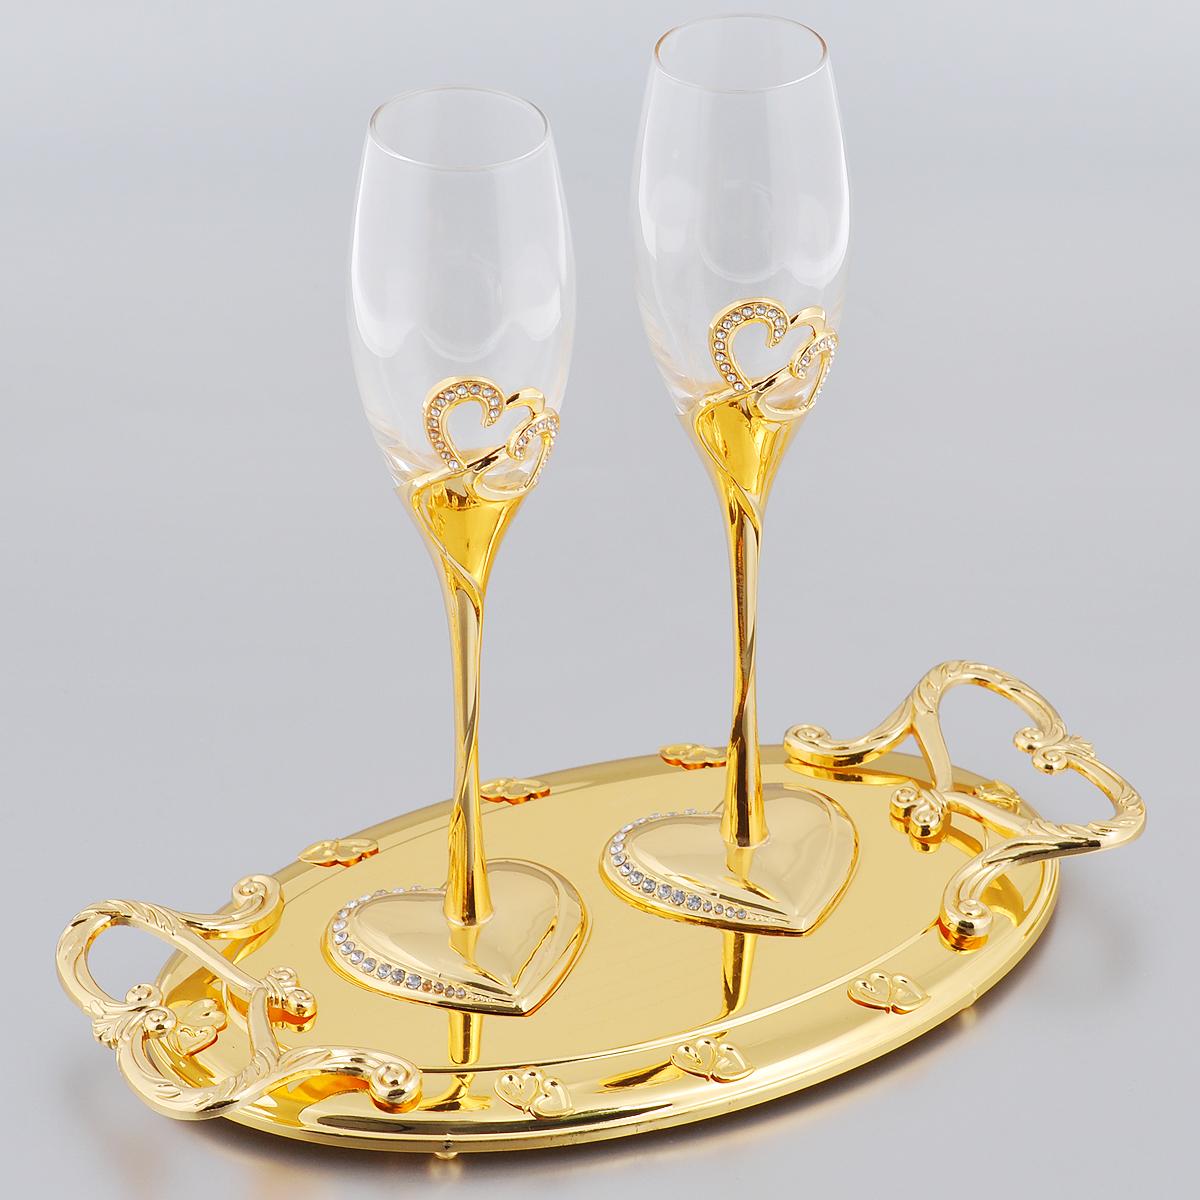 Набор бокалов Marquis Свадьба, на подносе, цвет: золотистый, 3 предмета. 2138-MR44435BНабор Marquis Свадьба состоит из двух бокалов для шампанского для молодоженов и подноса. Бокалы выполнены из стекла. Изящные тонкие ножки, выполненные из стали с серебряно-никелевым покрытием, оформлены перфорацией в виде двух сплетенных сердец, инкрустированных стразами. Основание в виде сердца также оформлено стразами. Овальная подставка с ручками, украшенная гравировкой и рельефом, прекрасно дополняет набор. Такой набор принесет особую атмосферу торжества и праздника.